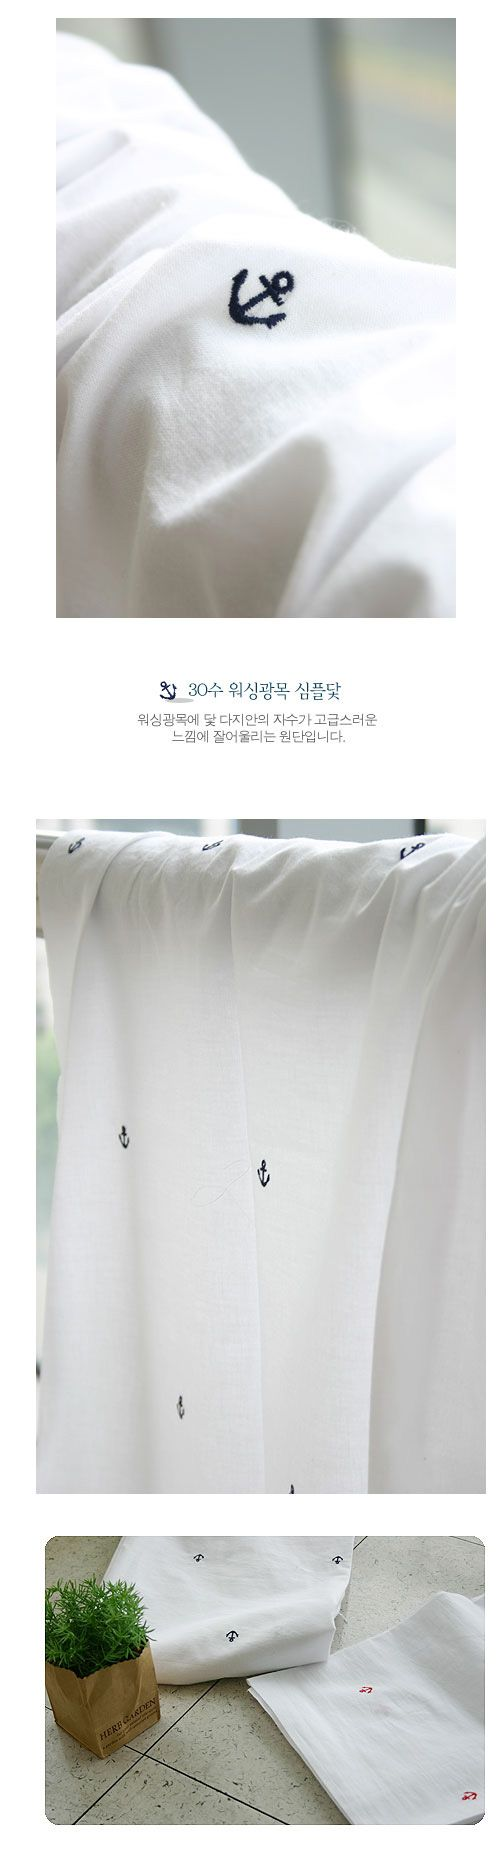 천가게 [30수워싱)화이트심플닻자수(네이비) [27]]